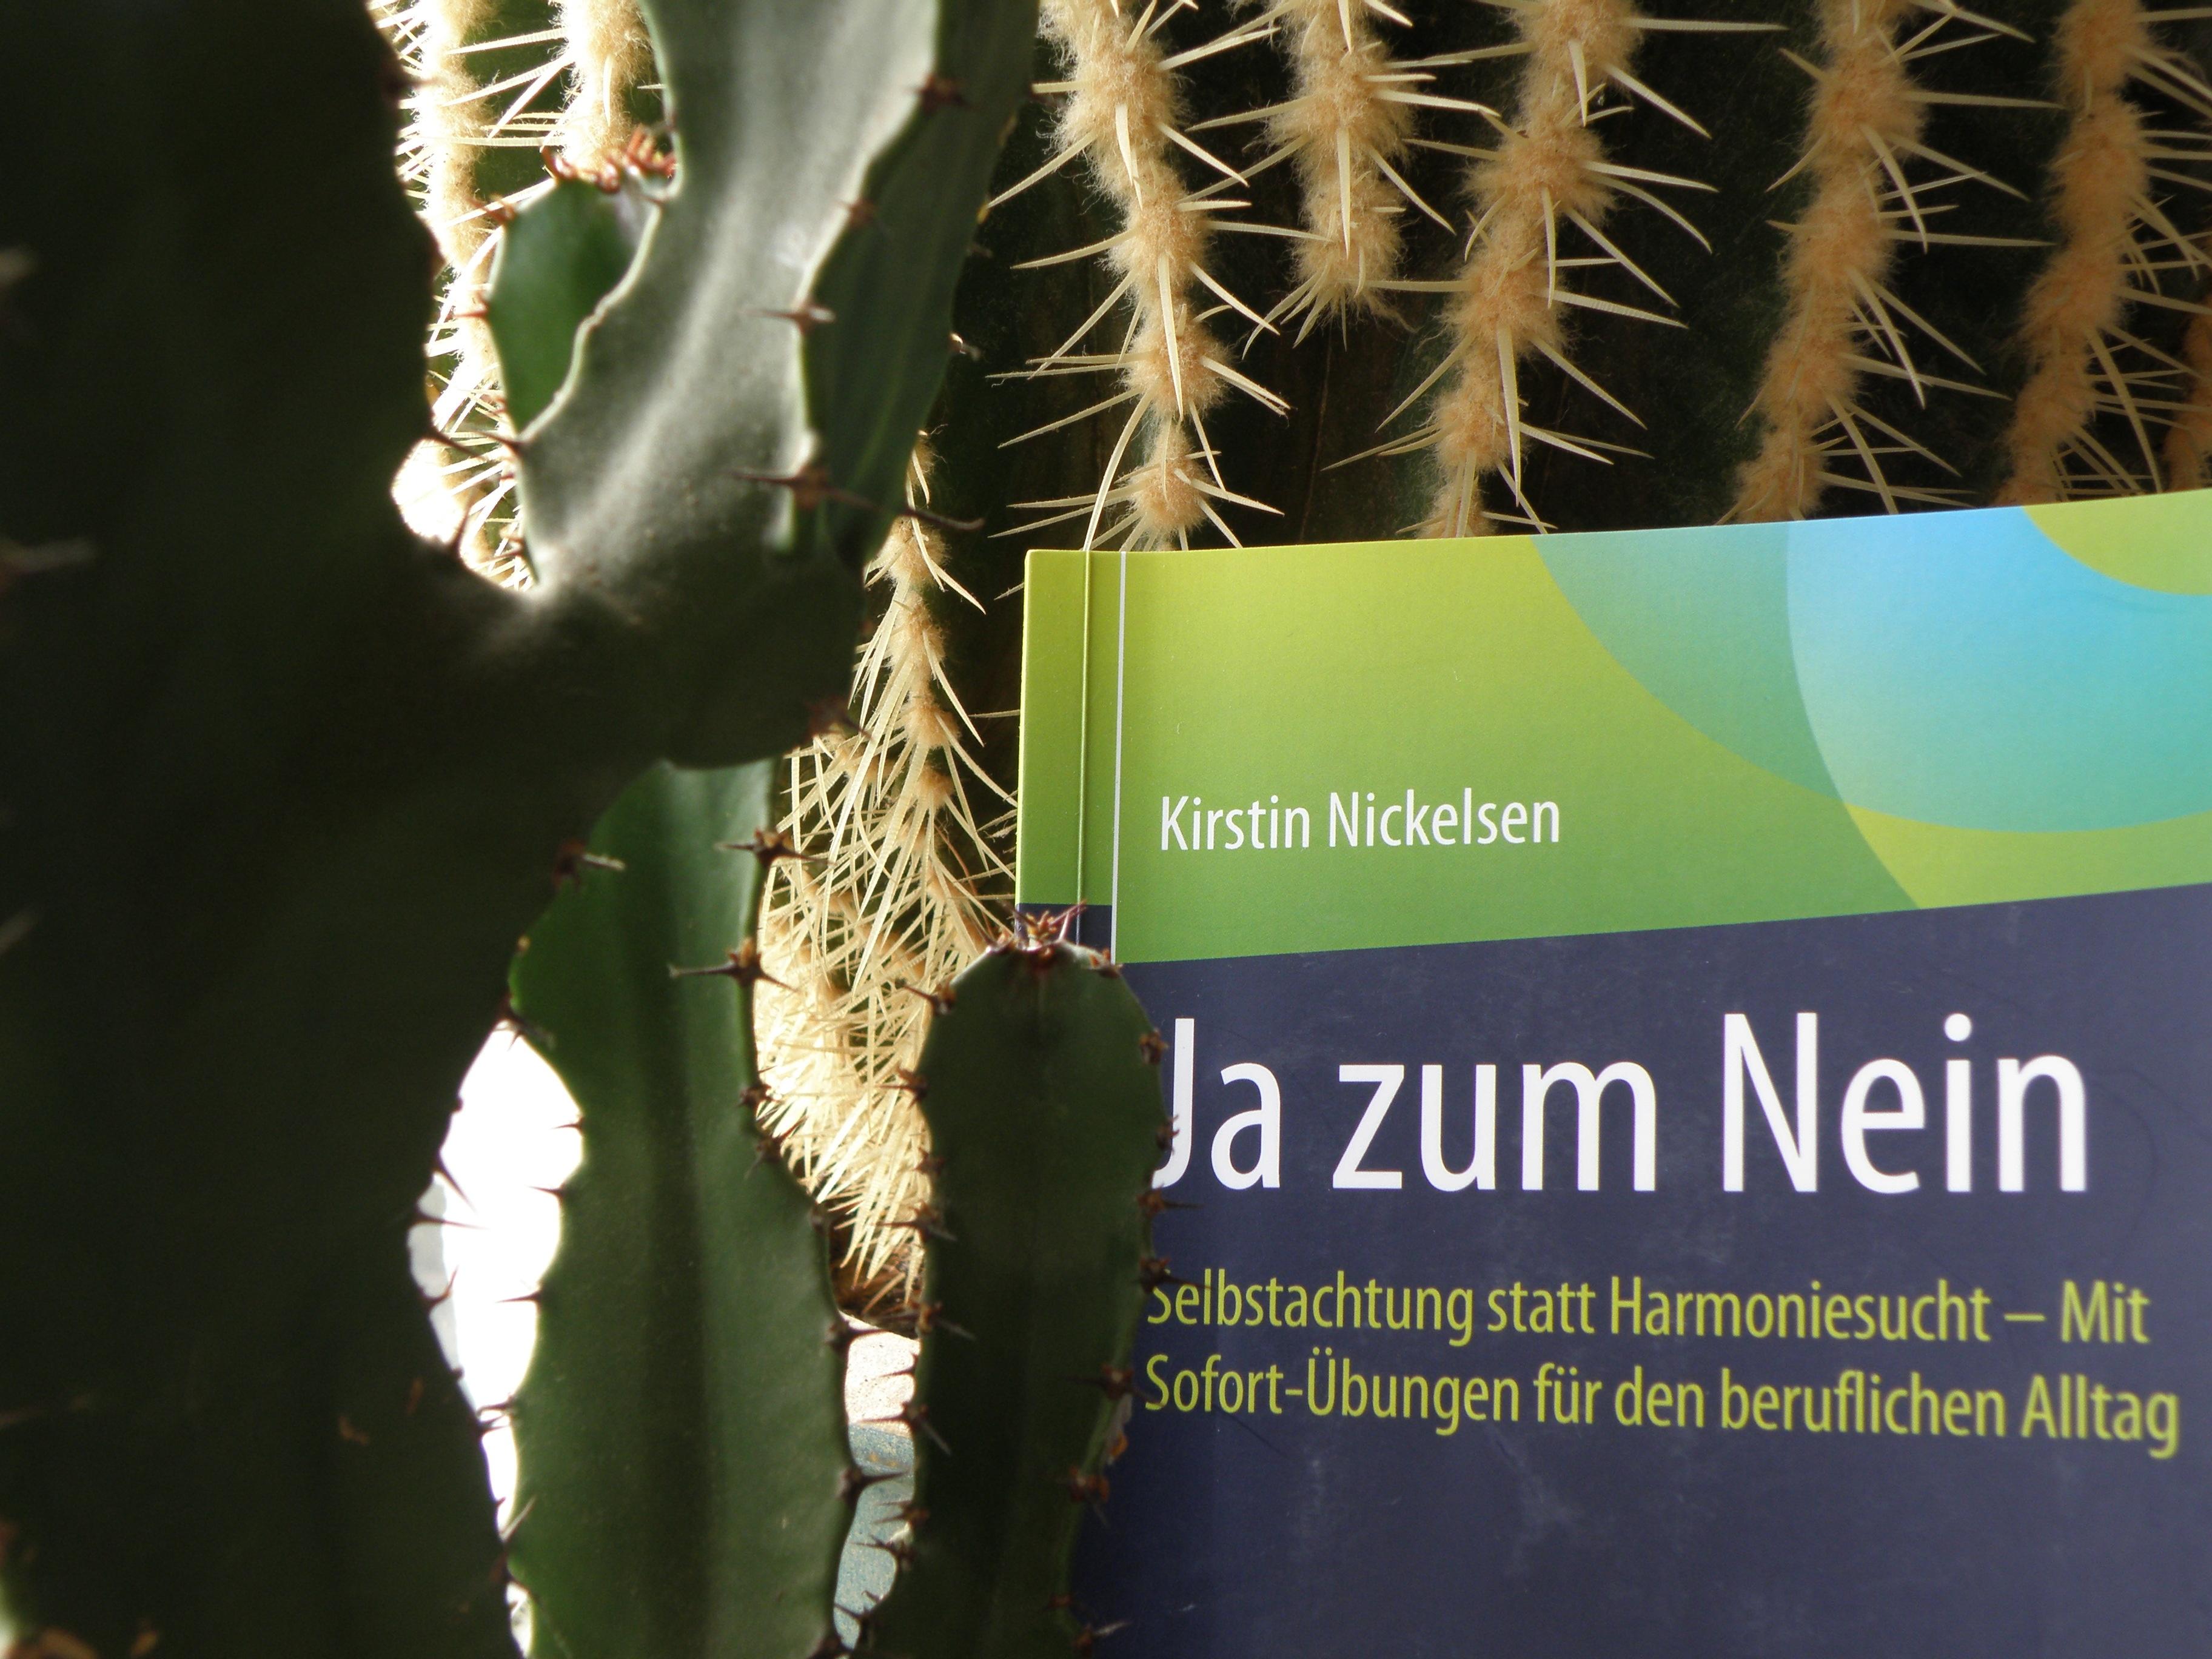 Das Buch Ja zum Nein